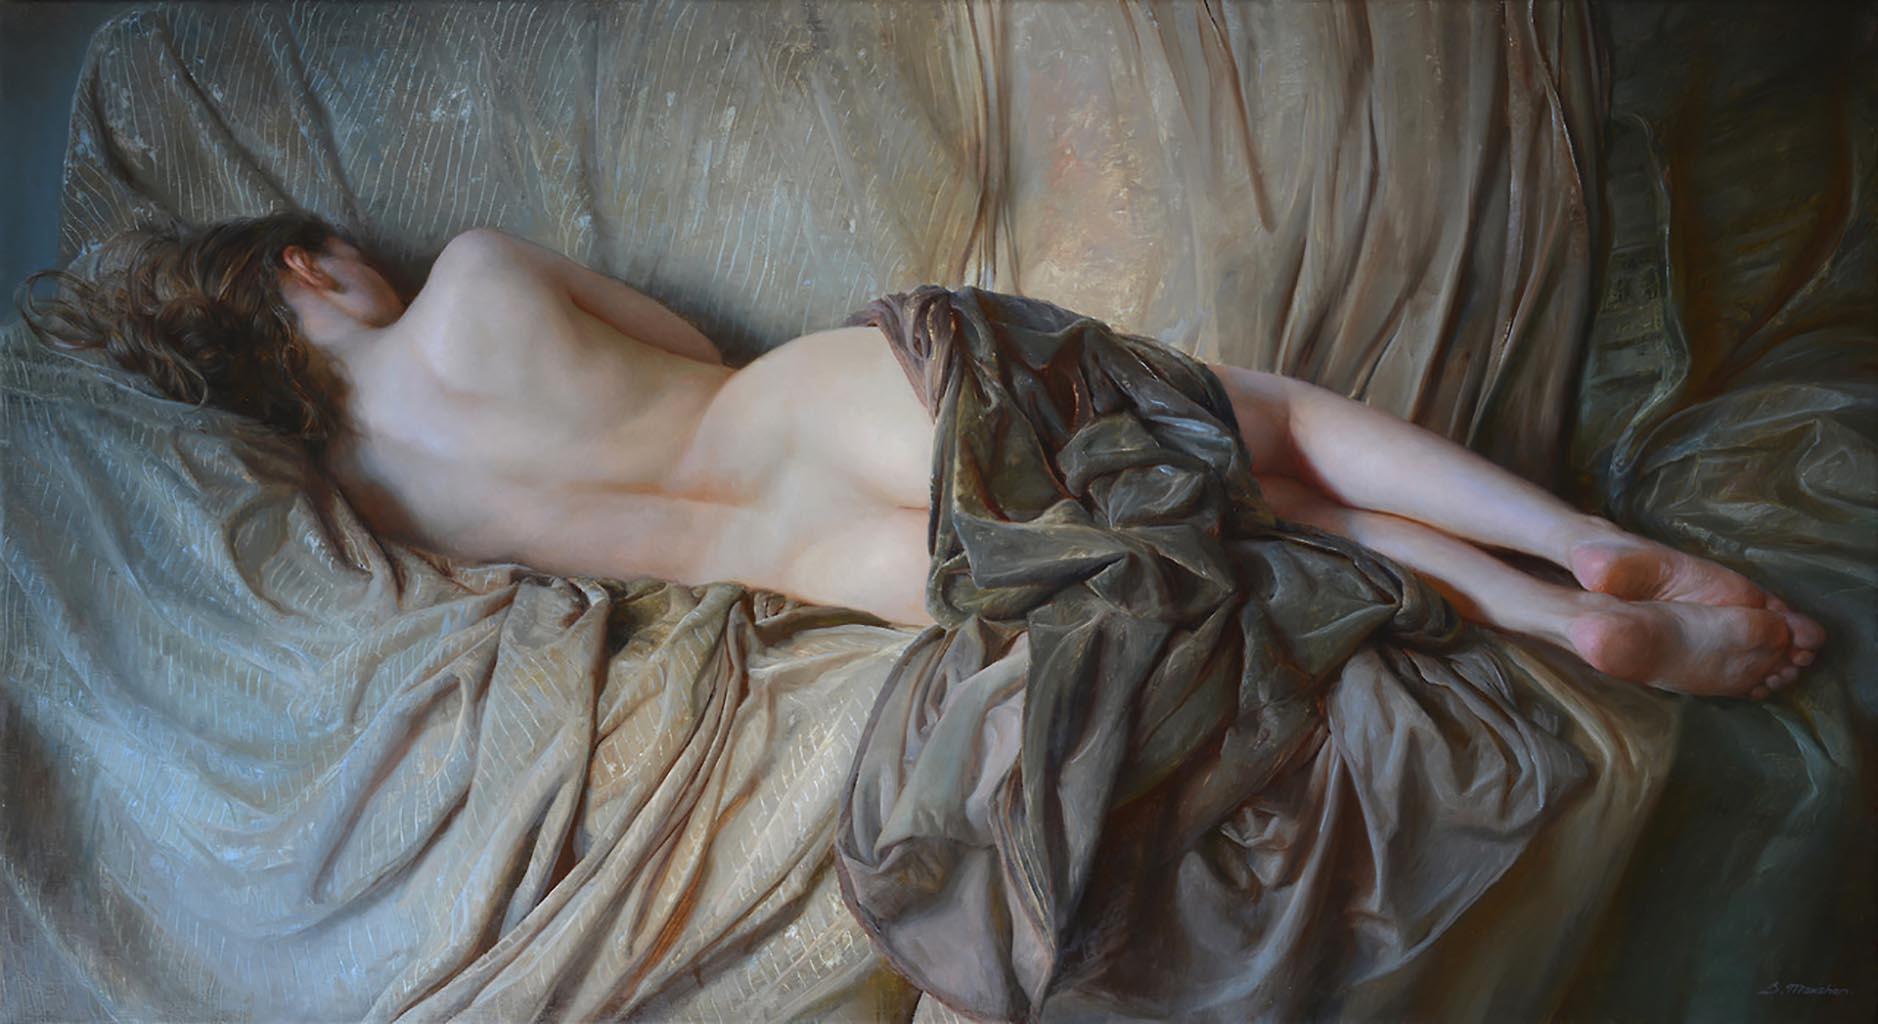 """Сергей Маршенников (Serge Marshennikov), """"Solitude"""""""